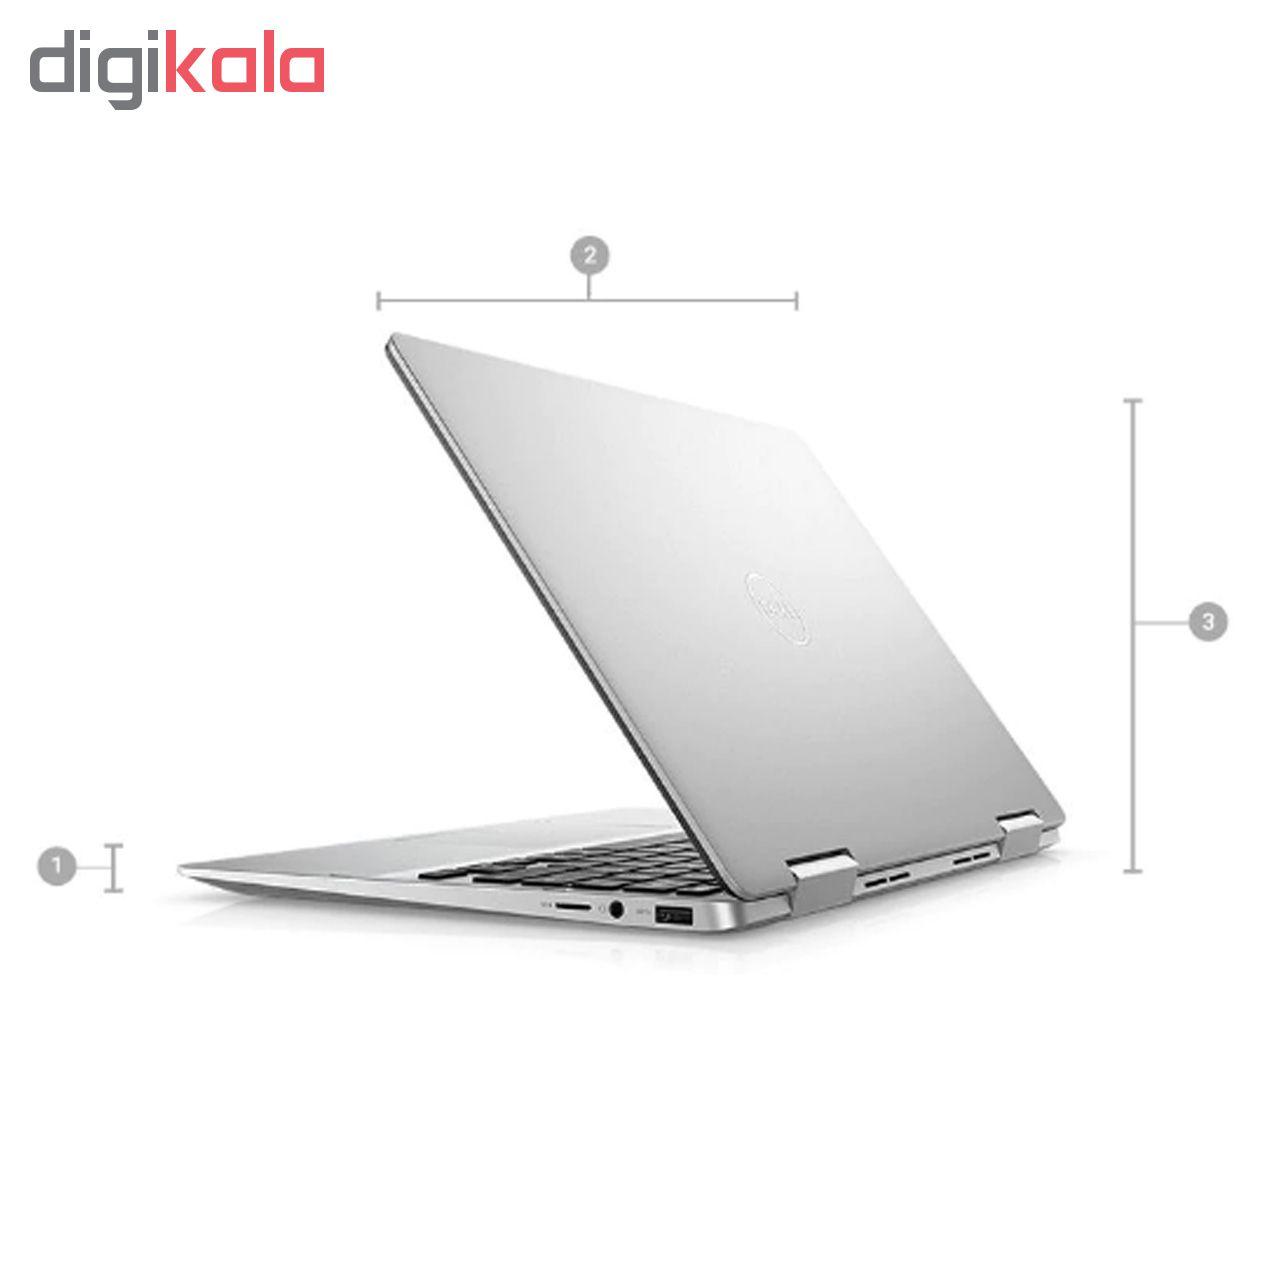 لپ تاپ 13.3 اینچی دل مدل Inspiron 7386 - A